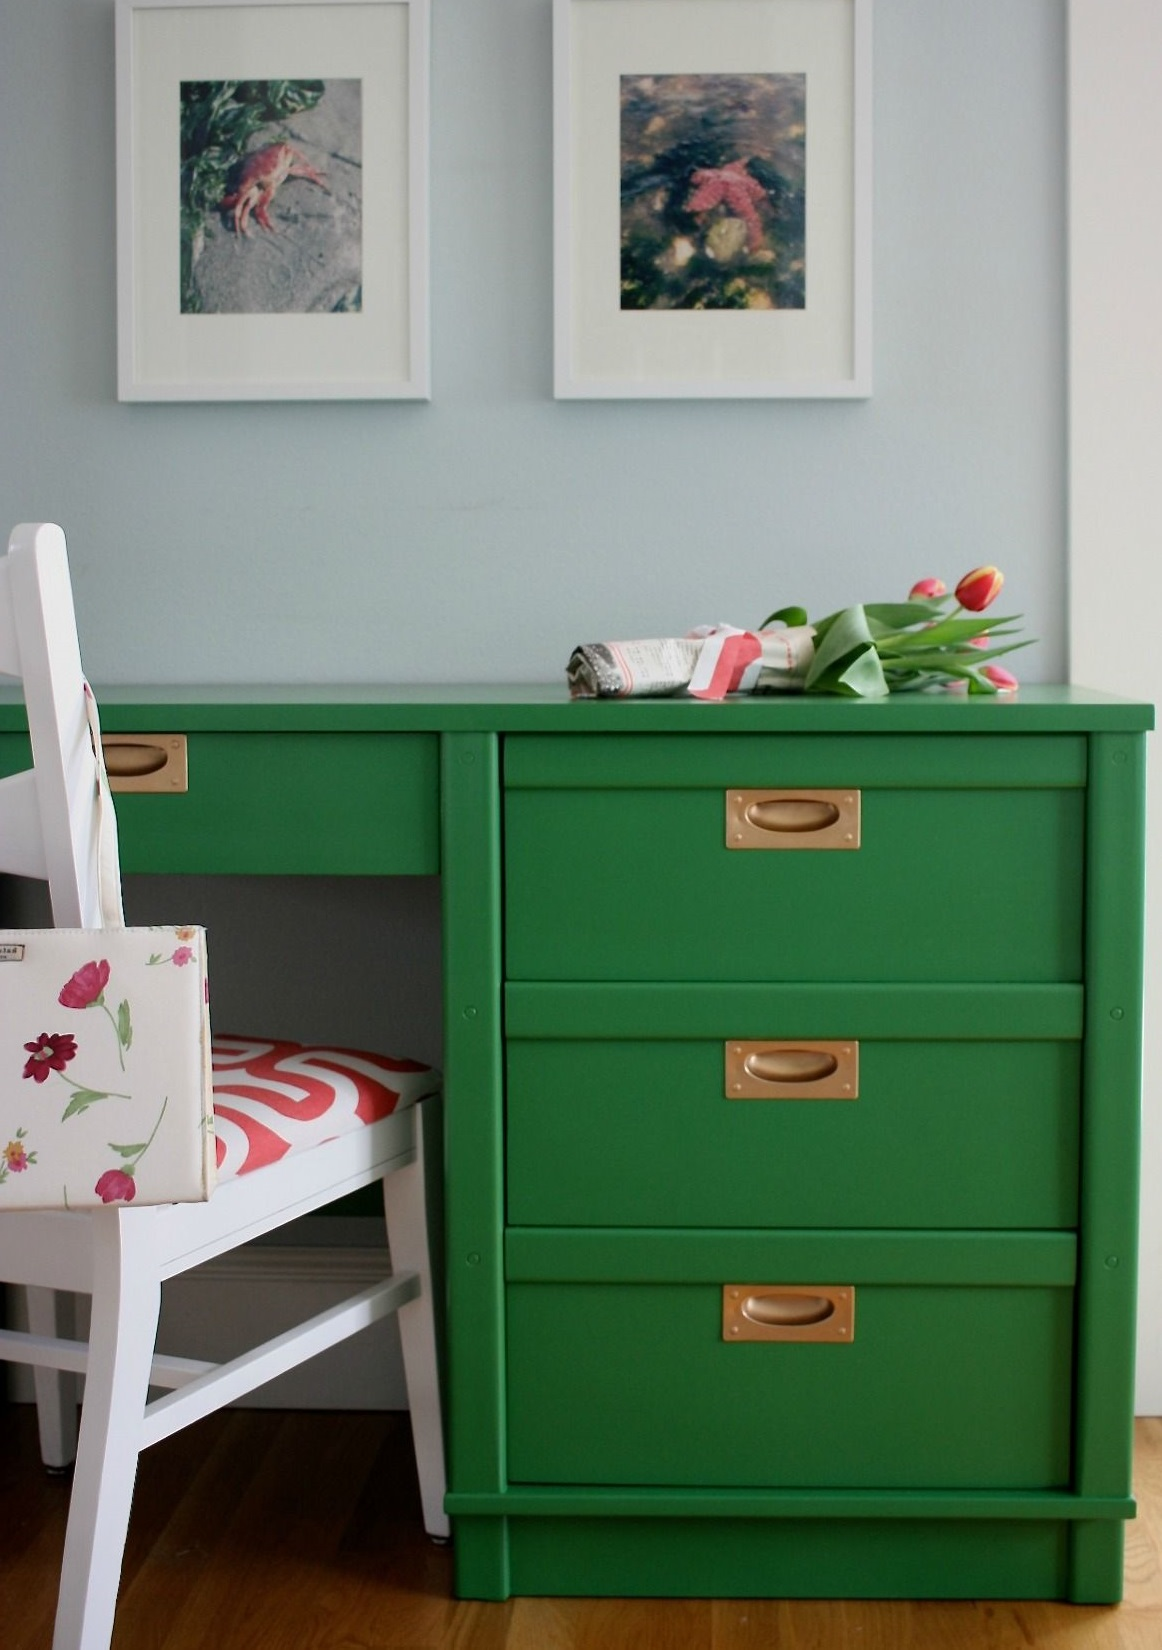 Assurez-vous de nettoyer le bureau avant de commencer le ponçage, sinon la peinture s'écaillera.